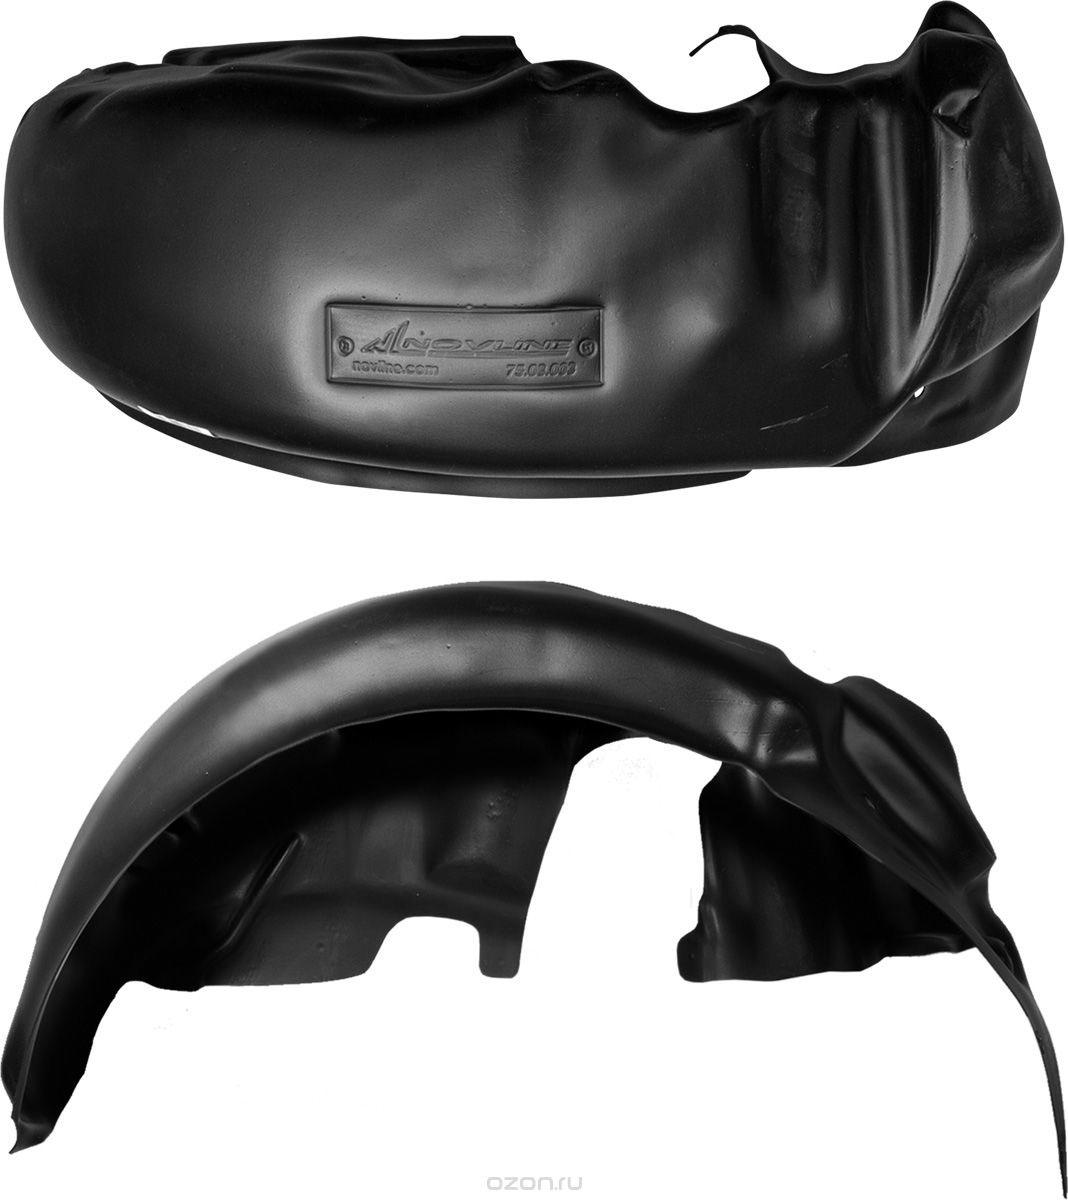 Подкрылок Novline-Autofamily, для КIА Sportage, 2016->, кроссовер, задний правыйNLL.25.44.004Идеальная защита колесной ниши. Локеры разработаны с применением цифровых технологий, гарантируют максимальную повторяемость поверхности арки. Изделия устанавливаются без нарушения лакокрасочного покрытия автомобиля, каждый подкрылок комплектуется крепежом. Уважаемые клиенты, обращаем ваше внимание, что фотографии на подкрылки универсальные и не отражают реальную форму изделия. При этом само изделие идет точно под размер указанного автомобиля.